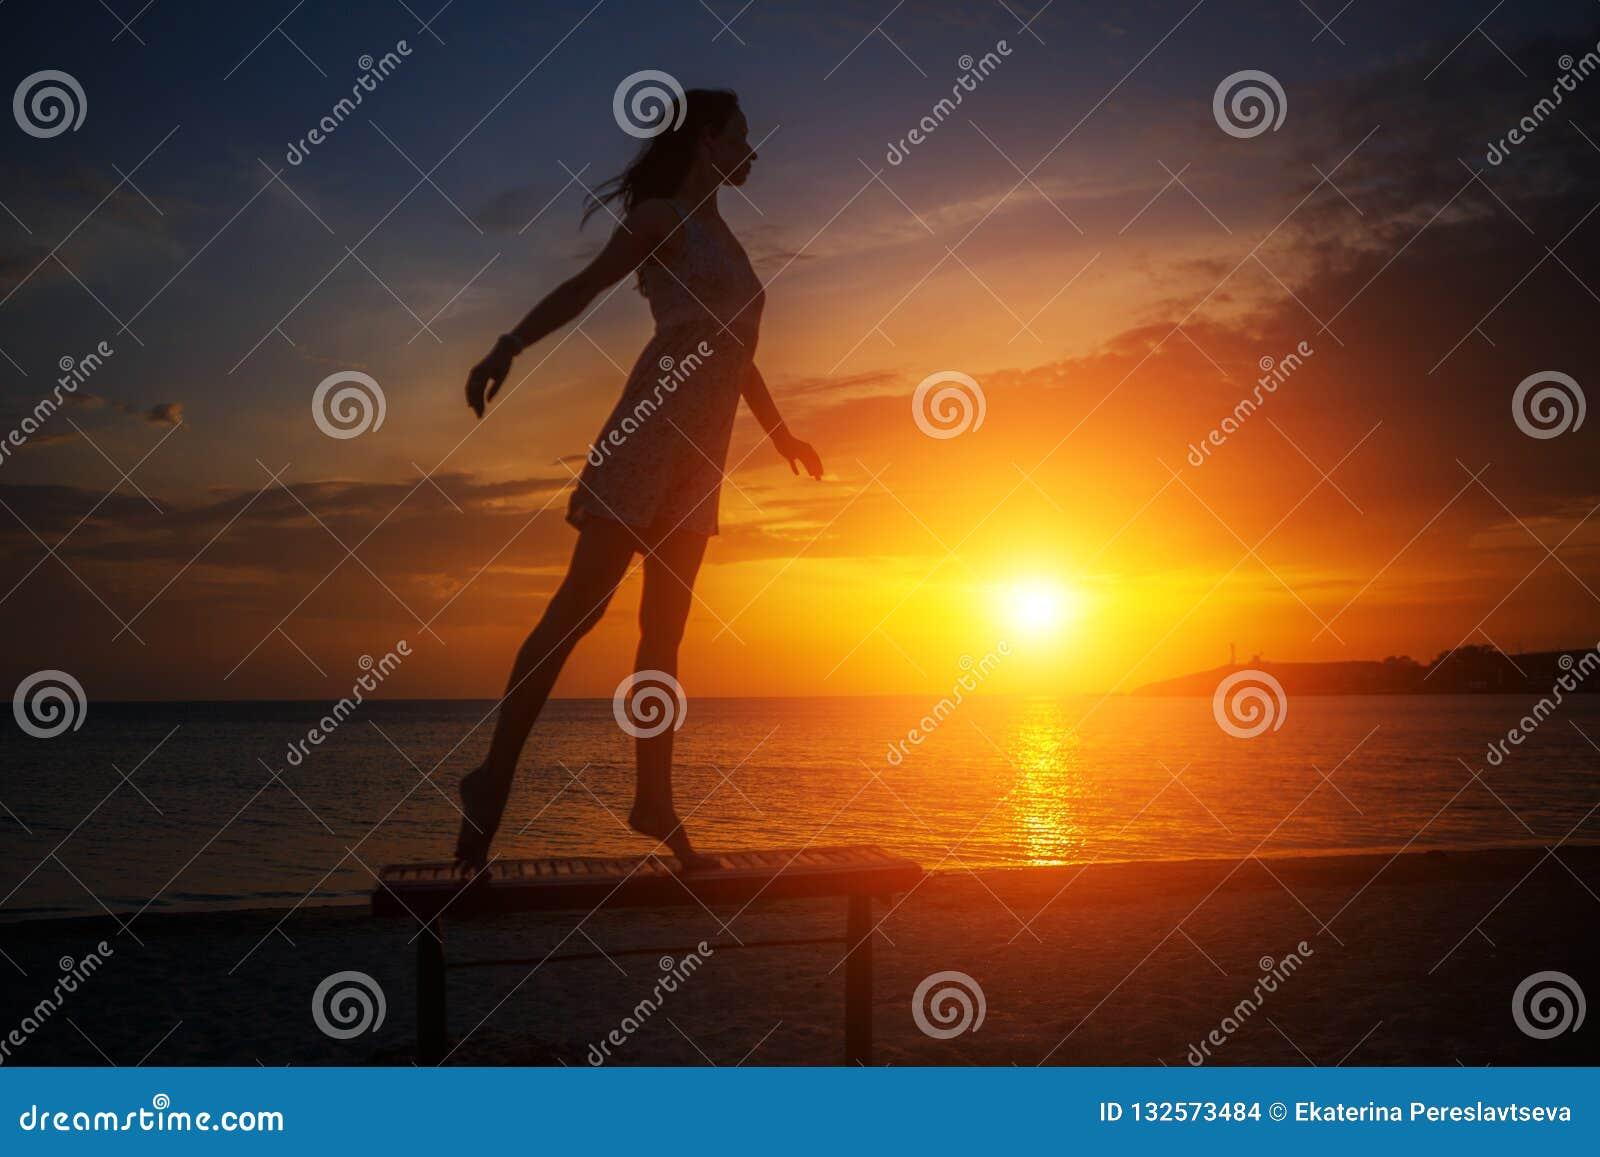 Bella giovane condizione snella della donna sulla spiaggia al tramonto, bella siluetta contro il cielo